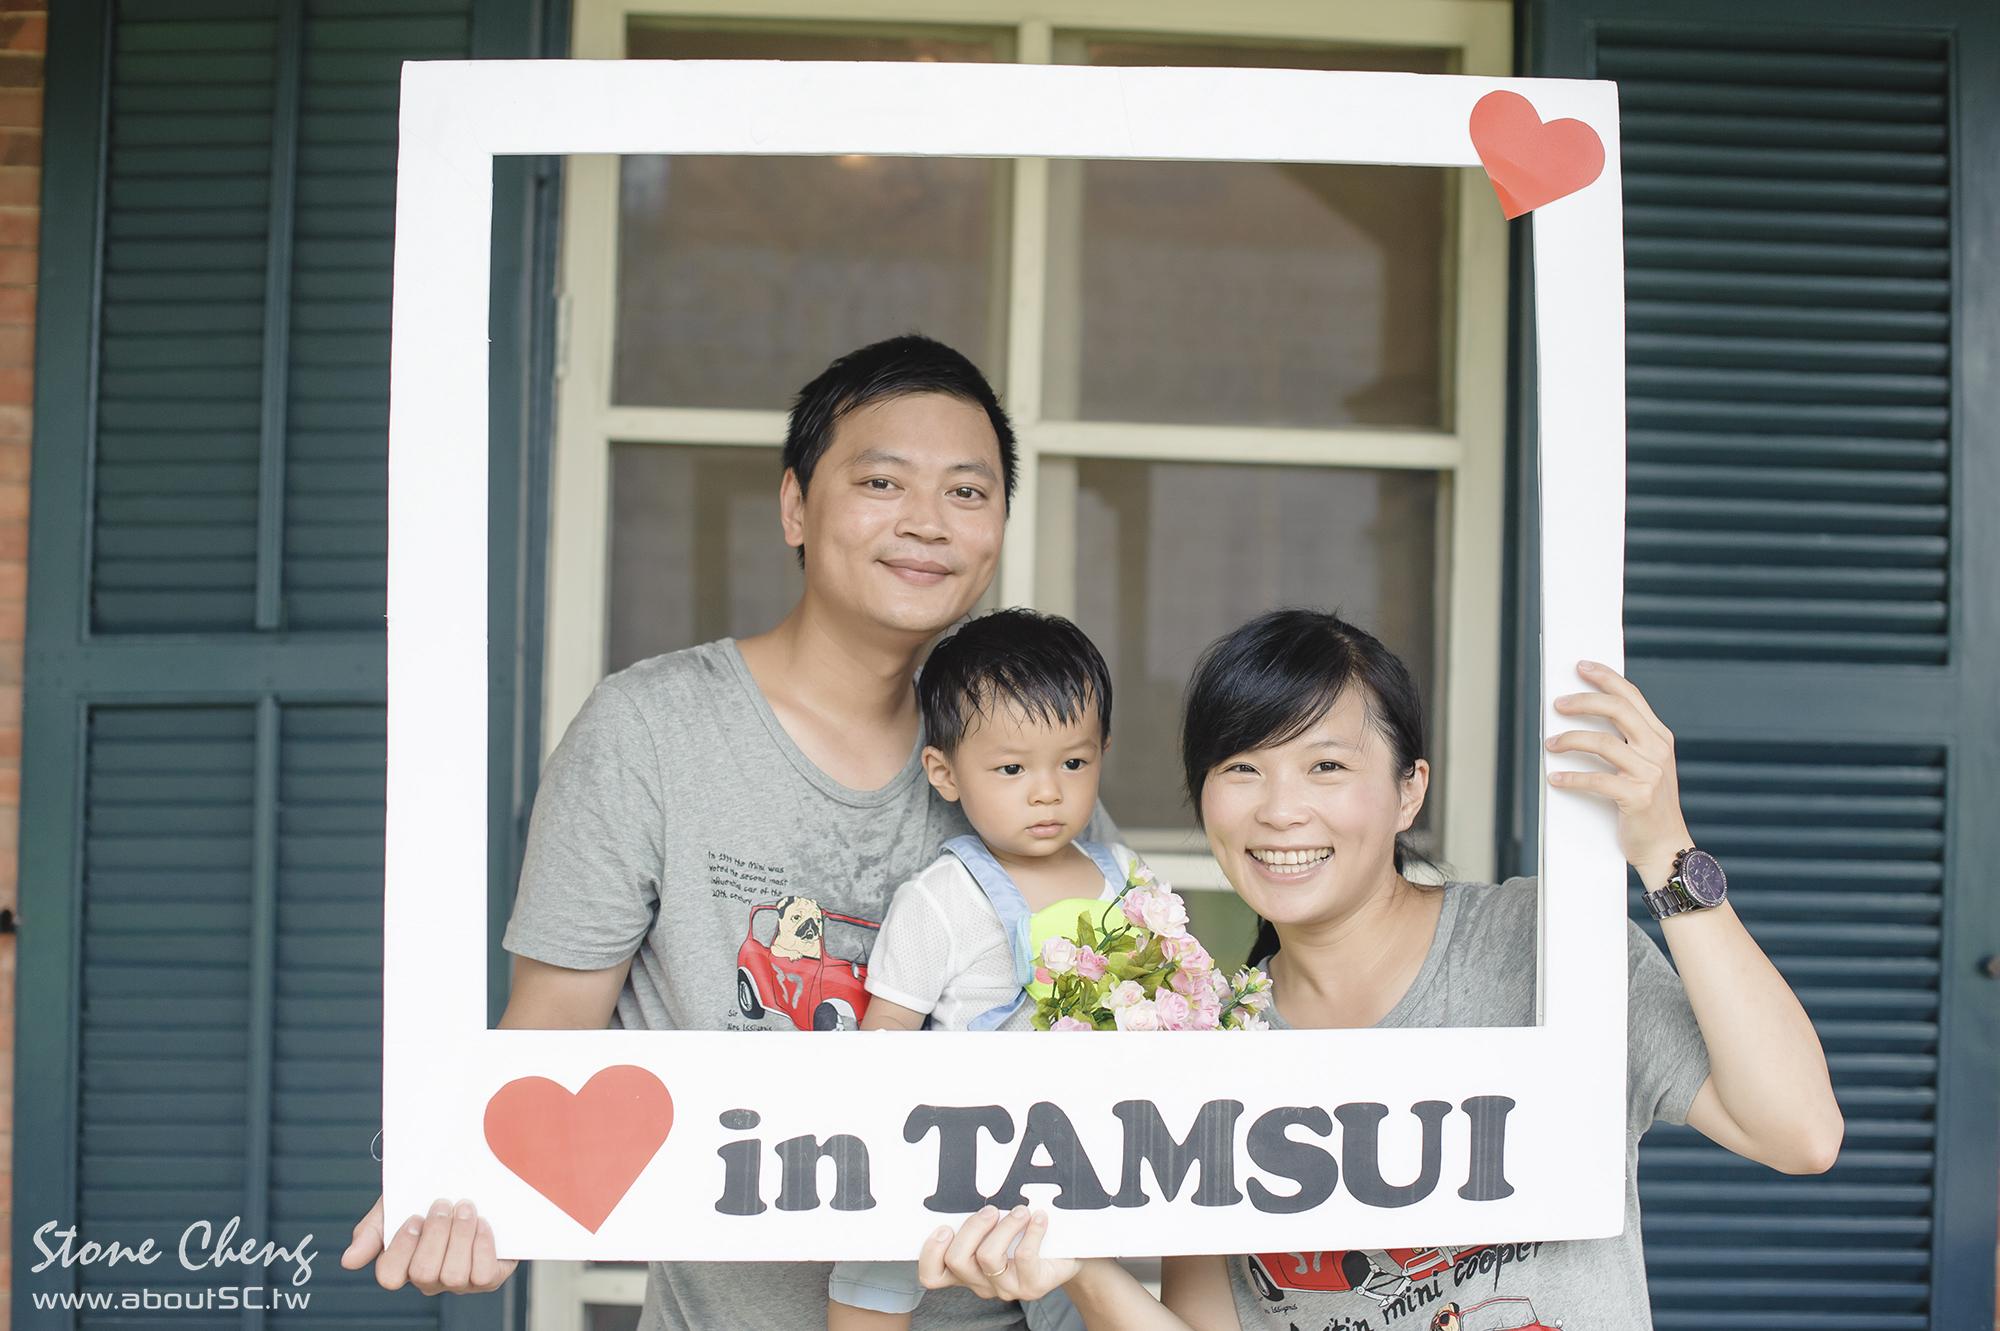 兒攝史東,兒童寫真,寶寶寫真,親子寫真,史東影像工作室,aboutSC,Stone Cheng,淡水紅毛城